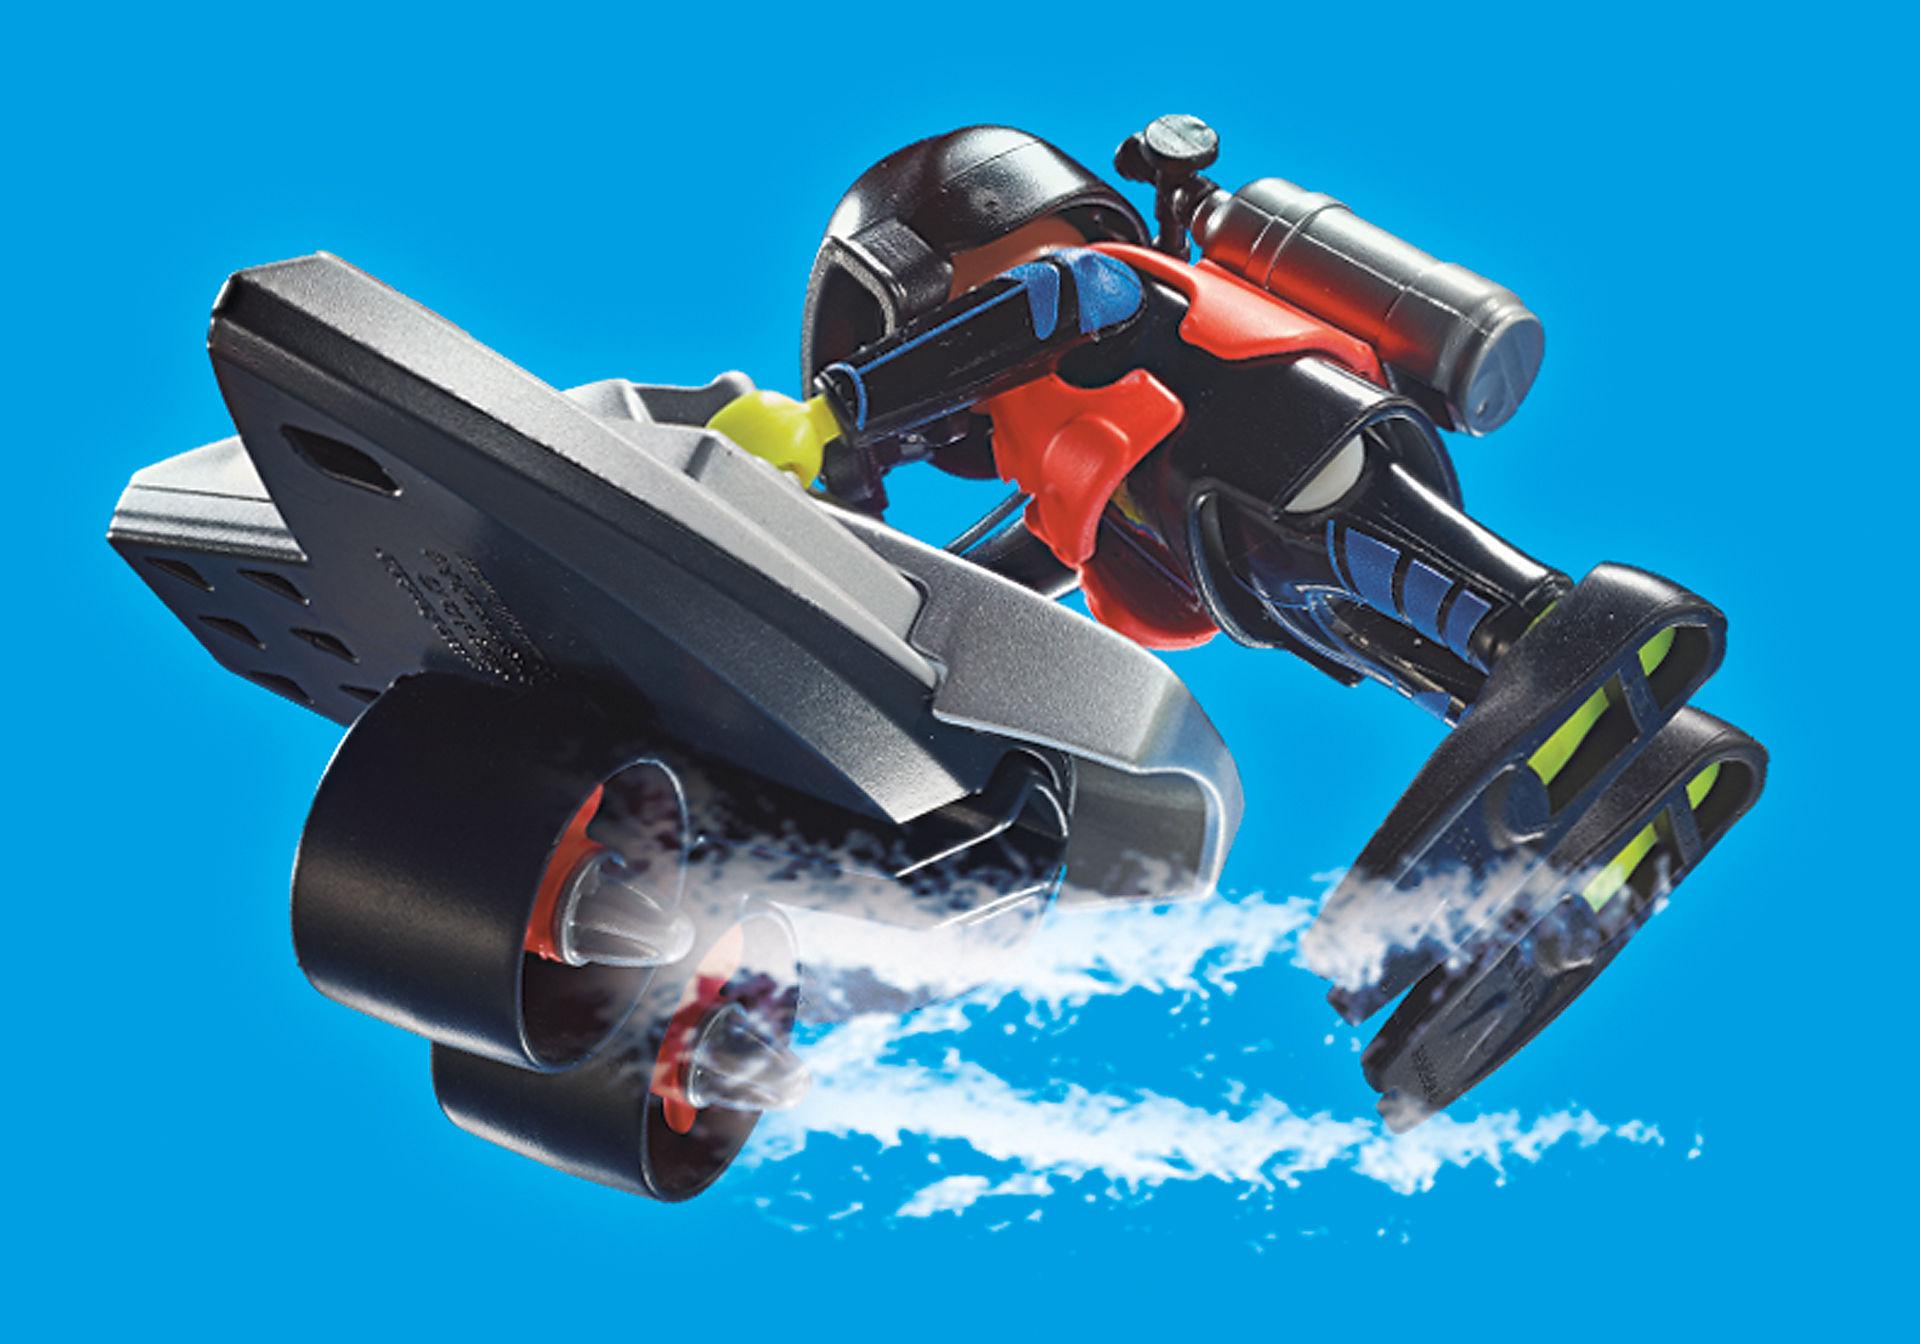 70145 Redding op zee: duikscooter in de reddingsmissie zoom image4